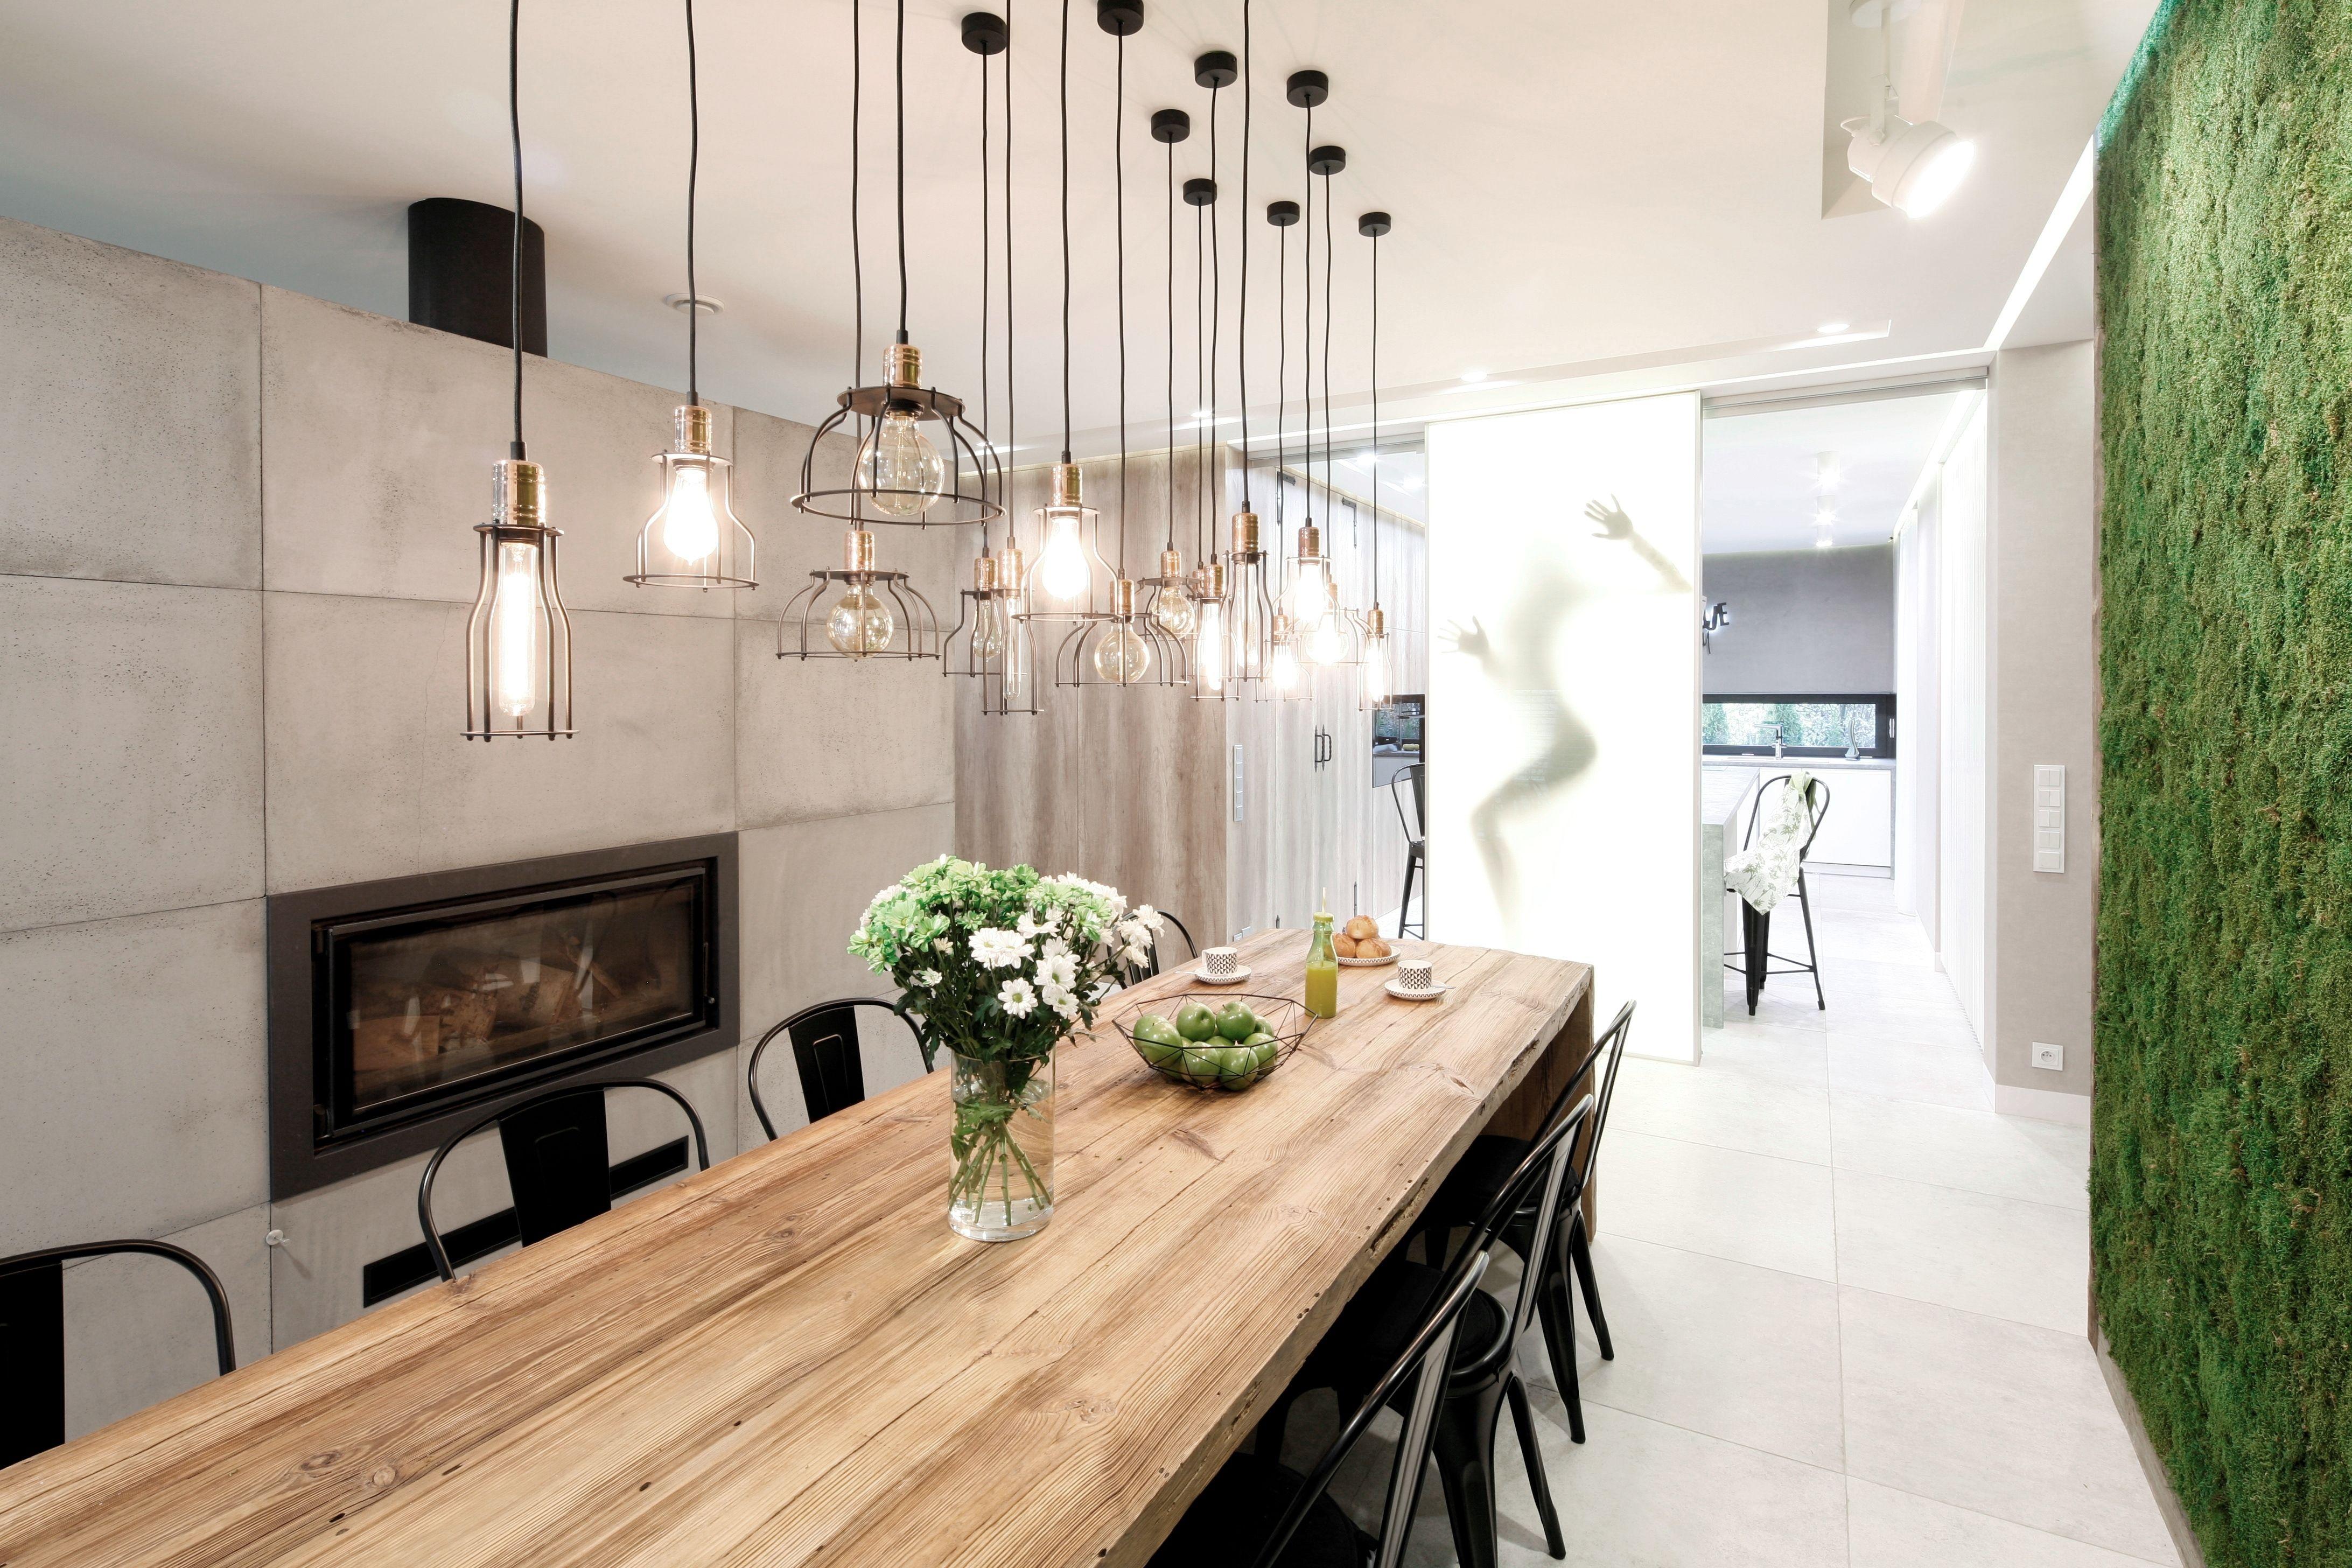 Minimalistyczna Jadalnia W Stylu Loft Sciana Zieleni Home Decor Dining Room Decor Decor